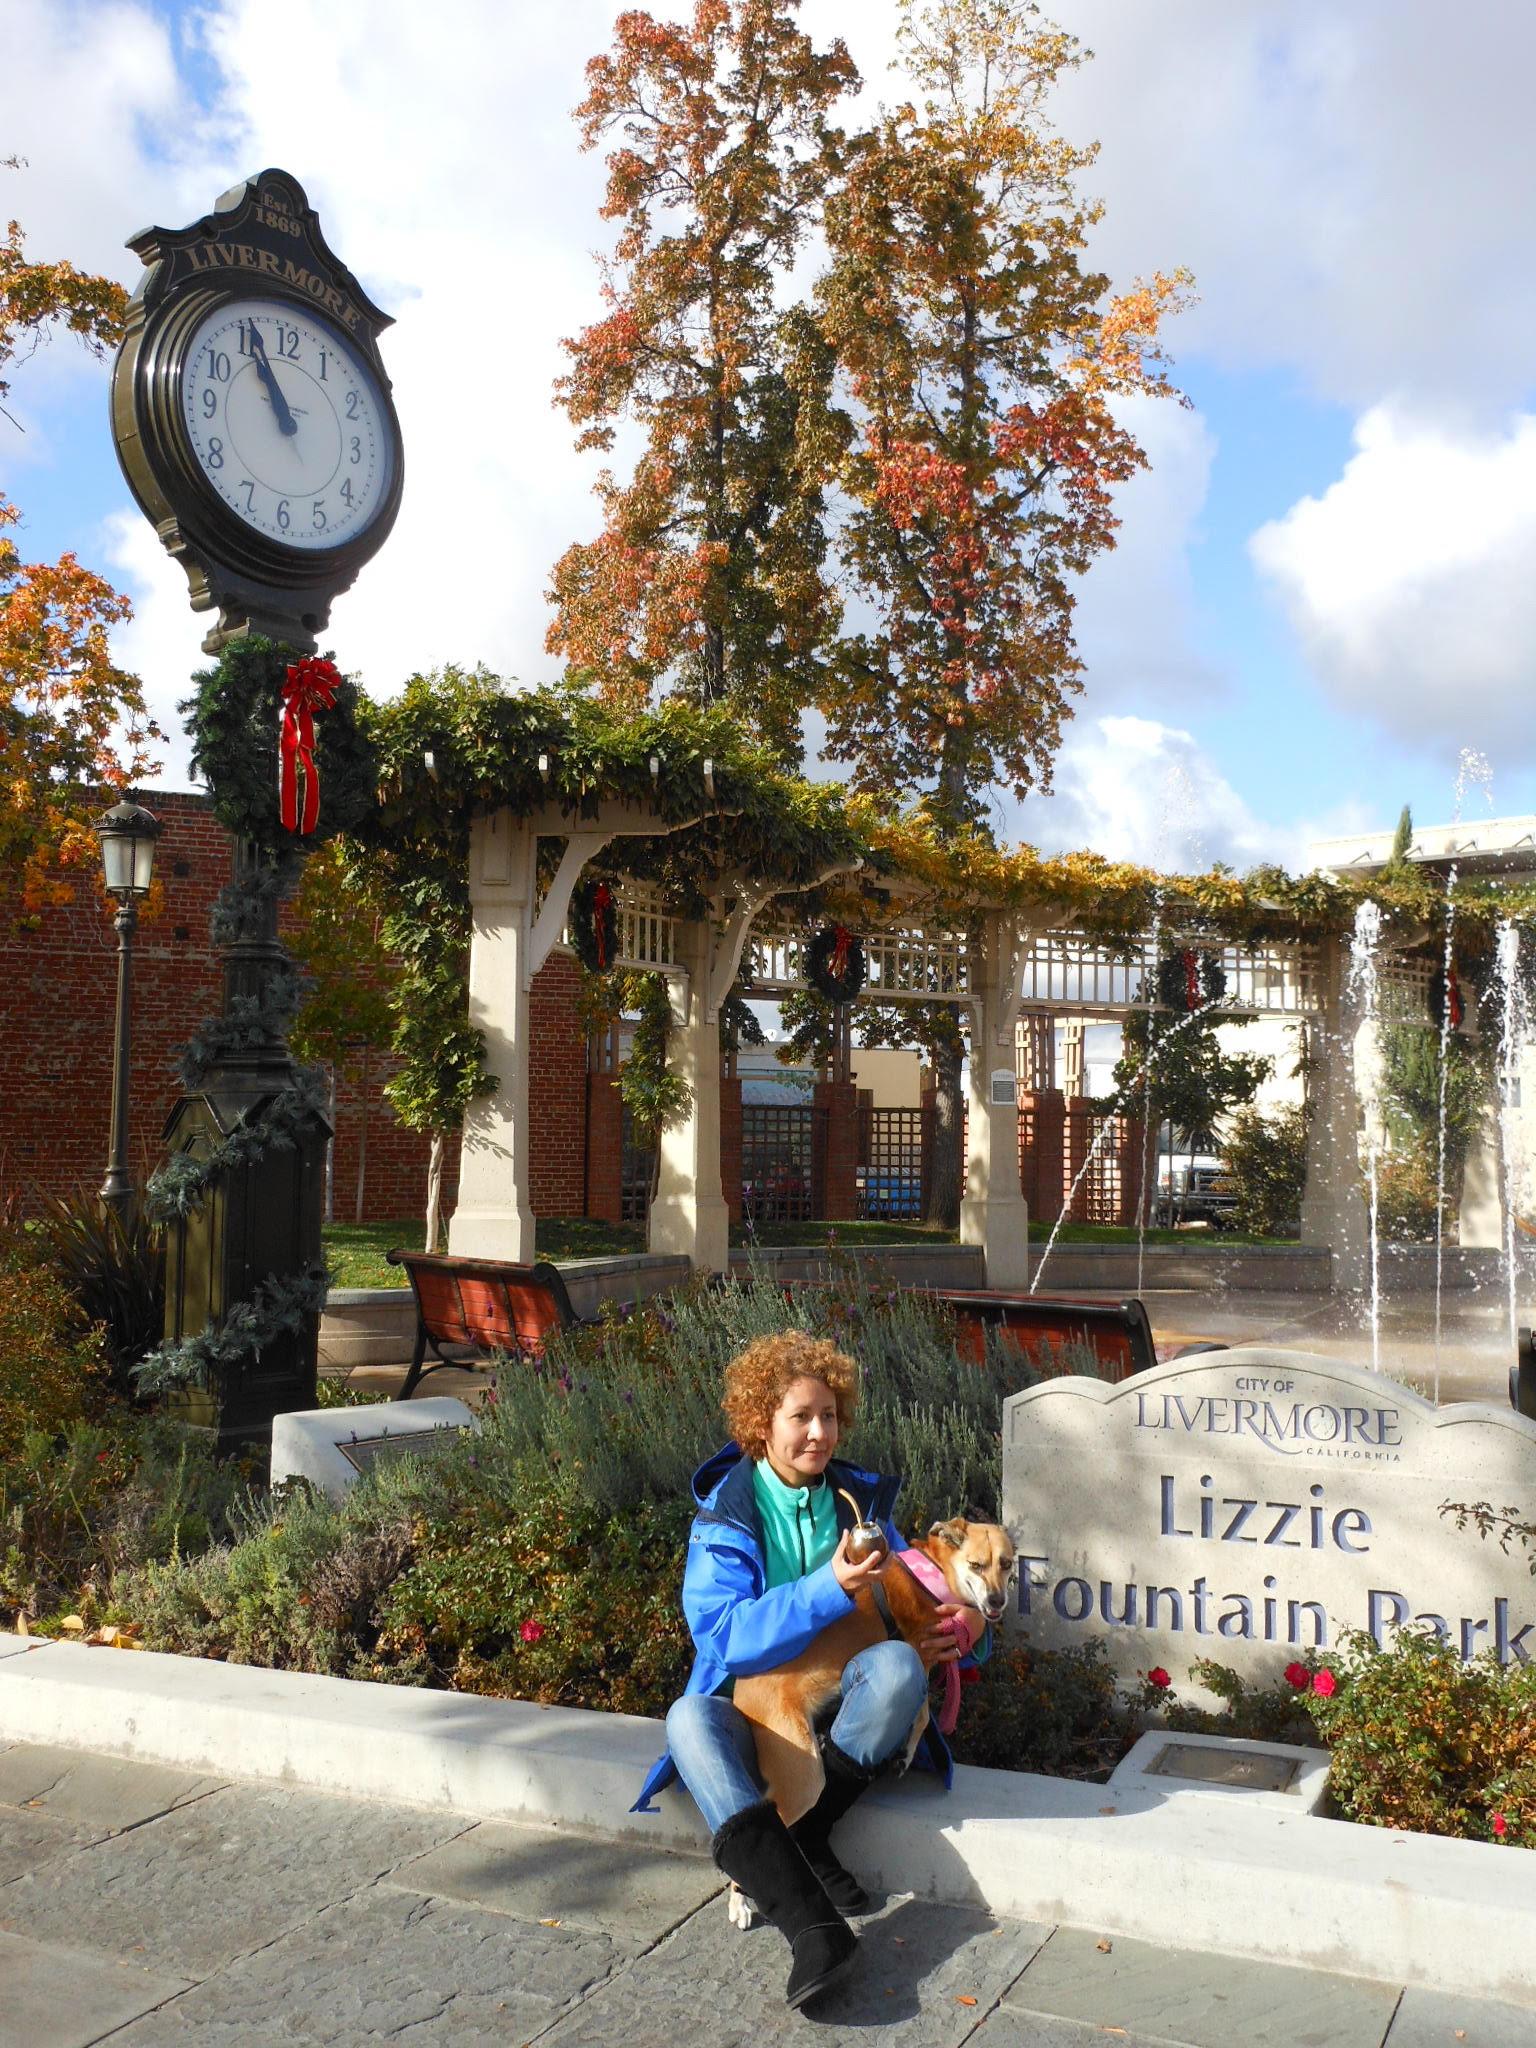 """En las esquinas más importantes del centro: calles First and Livermore.  El característico reloj y la fuente """"Lizzie Fountain Park"""""""